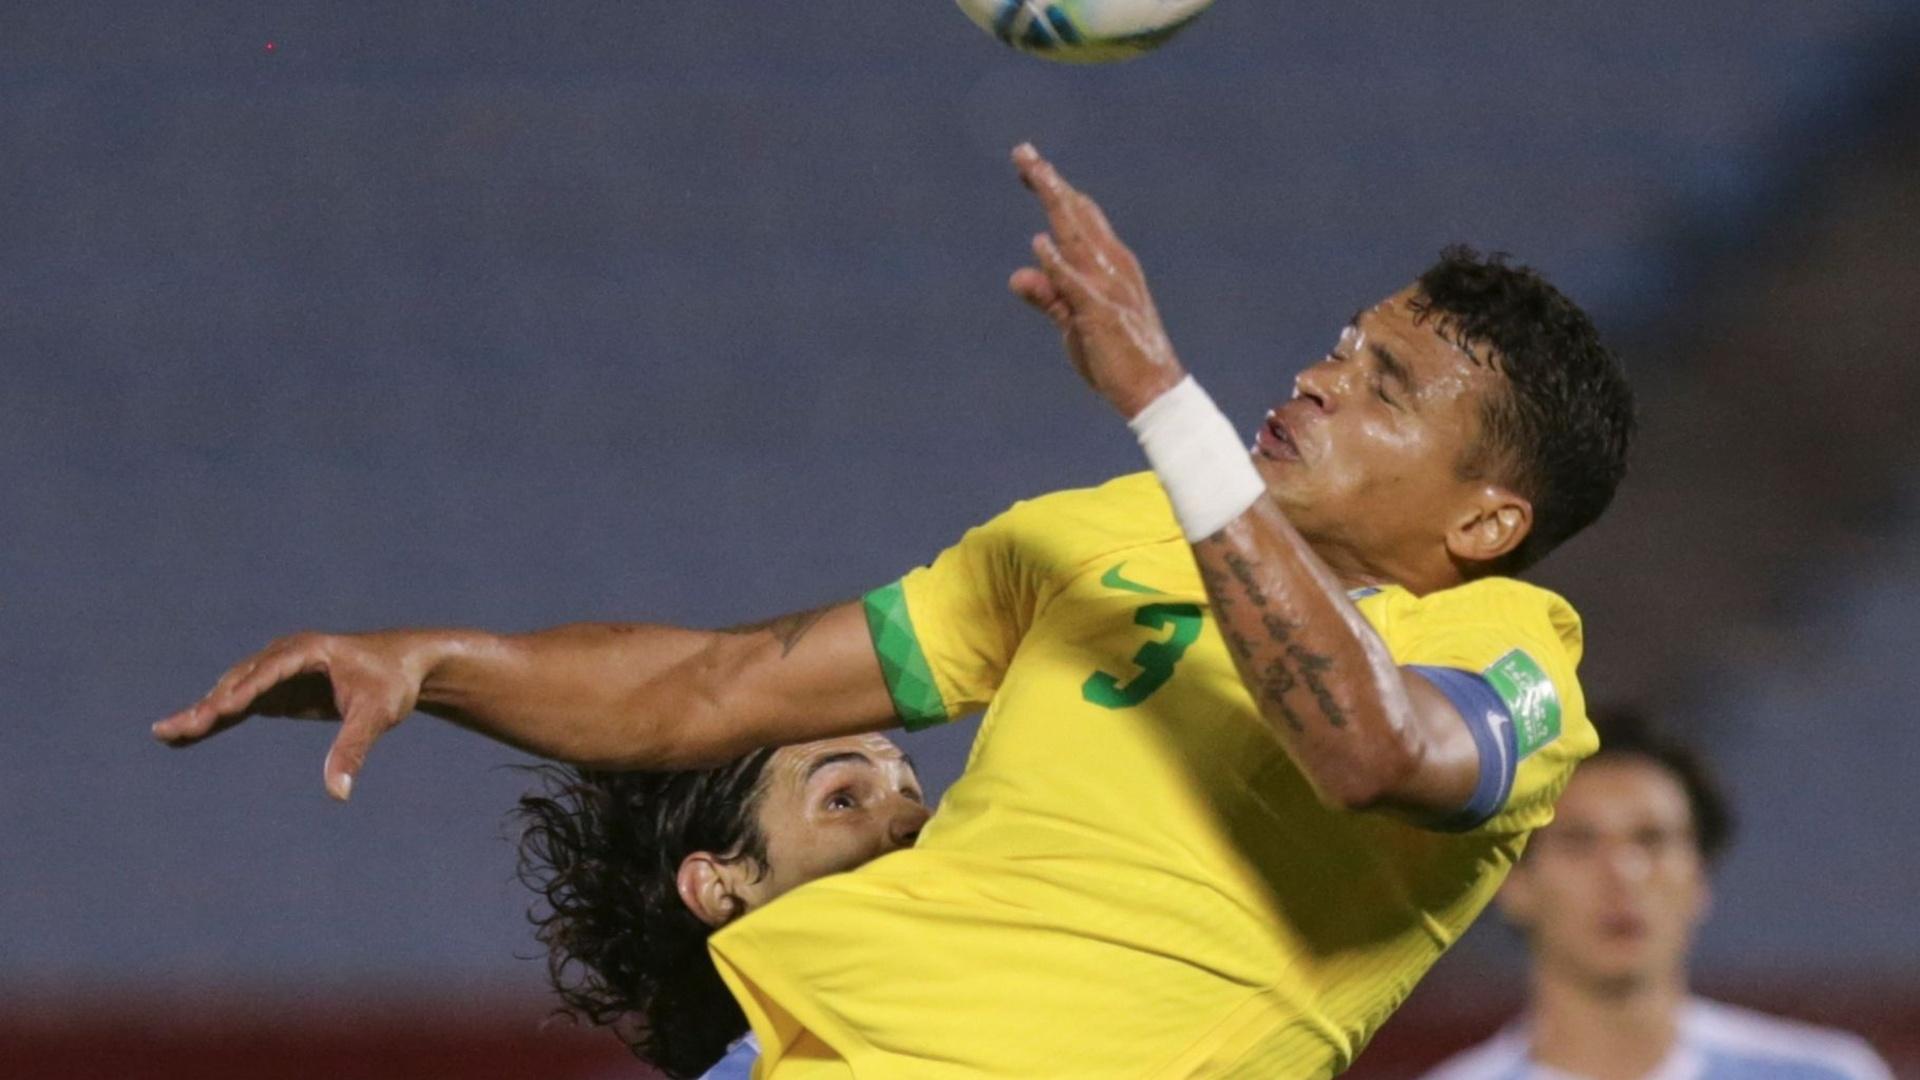 في ليلة طرد كافاني.. البرازيل تتخطى الأوروغواي وتعزز صدارتها (فيديو)